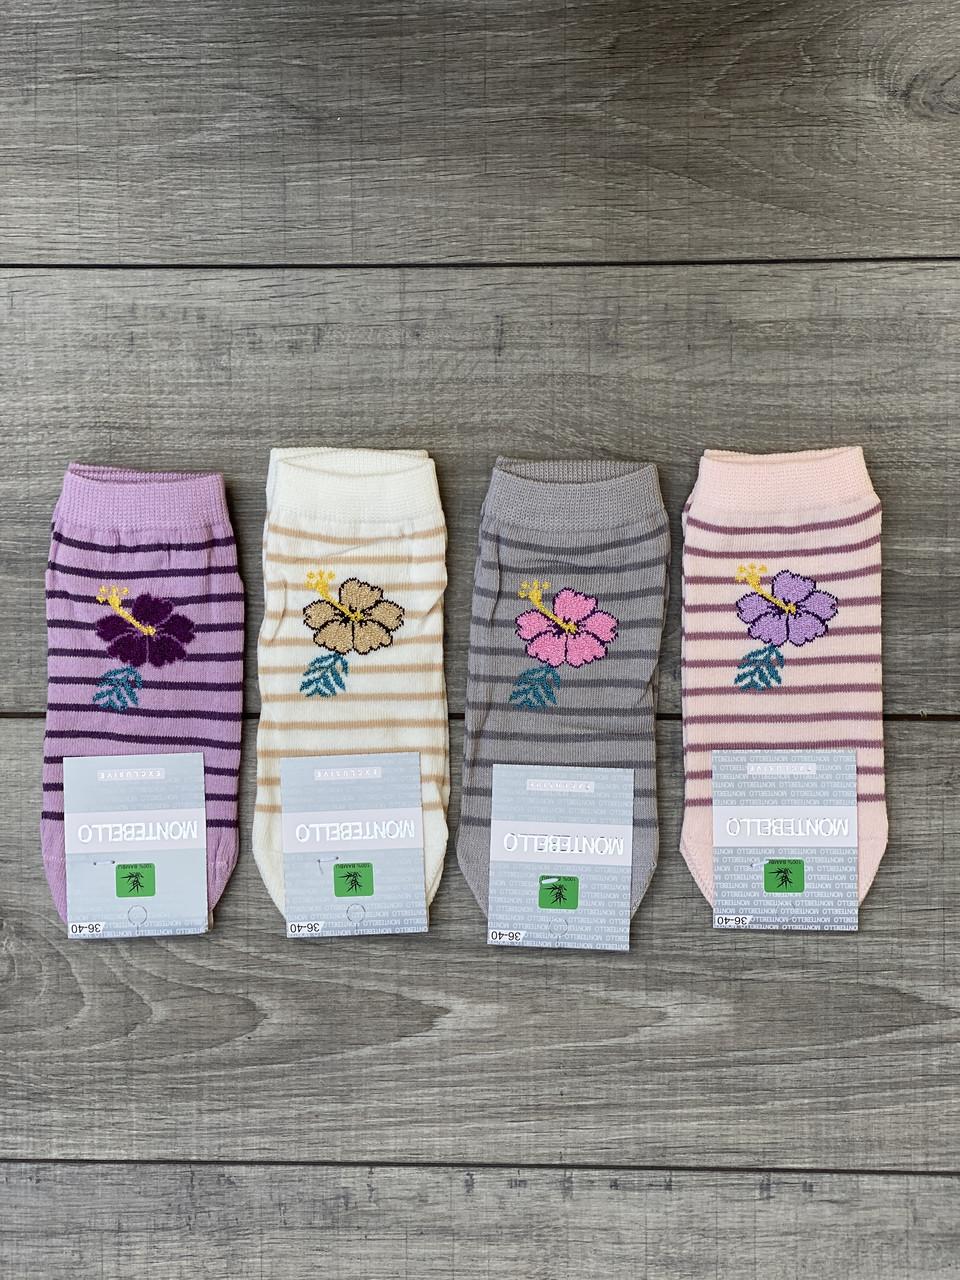 Женские короткие хлопок носки в полоску Montebello с цветком 35-40 12 шт в уп микс цветов